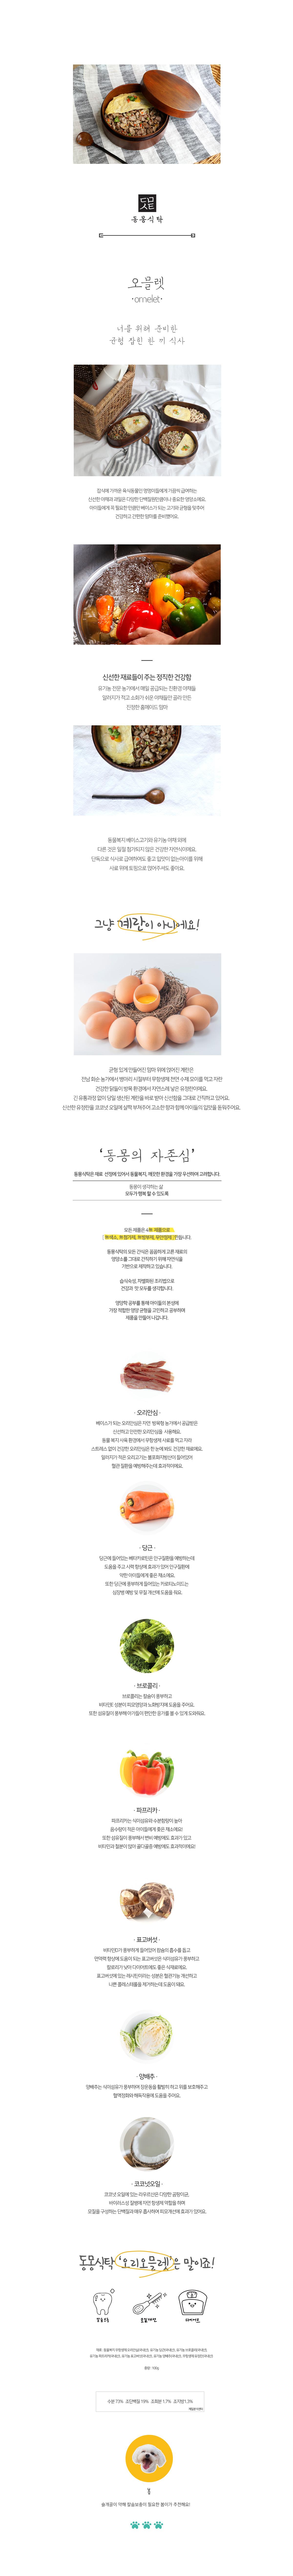 강아지 수제간식 오리안심 야채오믈렛 110g - 동몽식탁, 6,500원, 간식/영양제, 수제간식